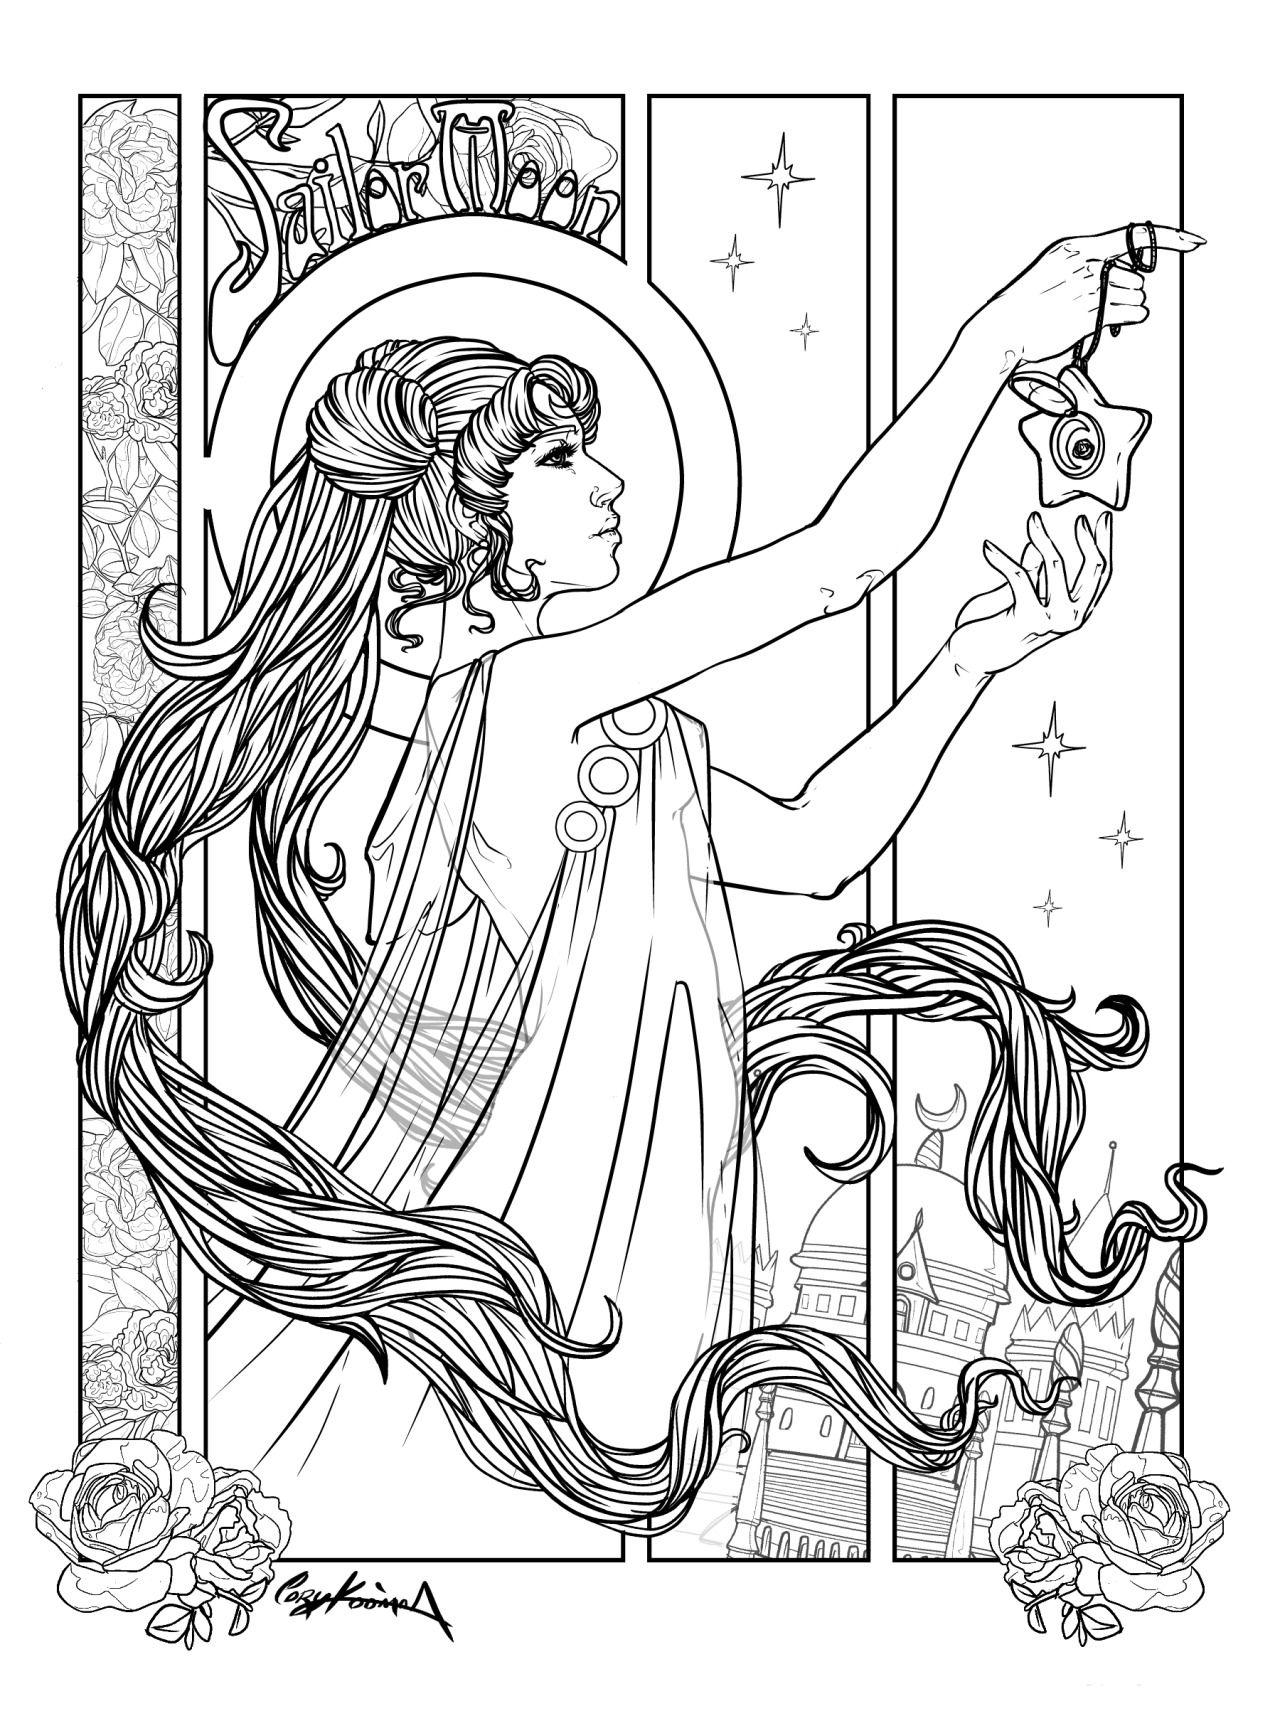 The Star Sailor Moon Art Nouveau Tarot Card Final Lineart